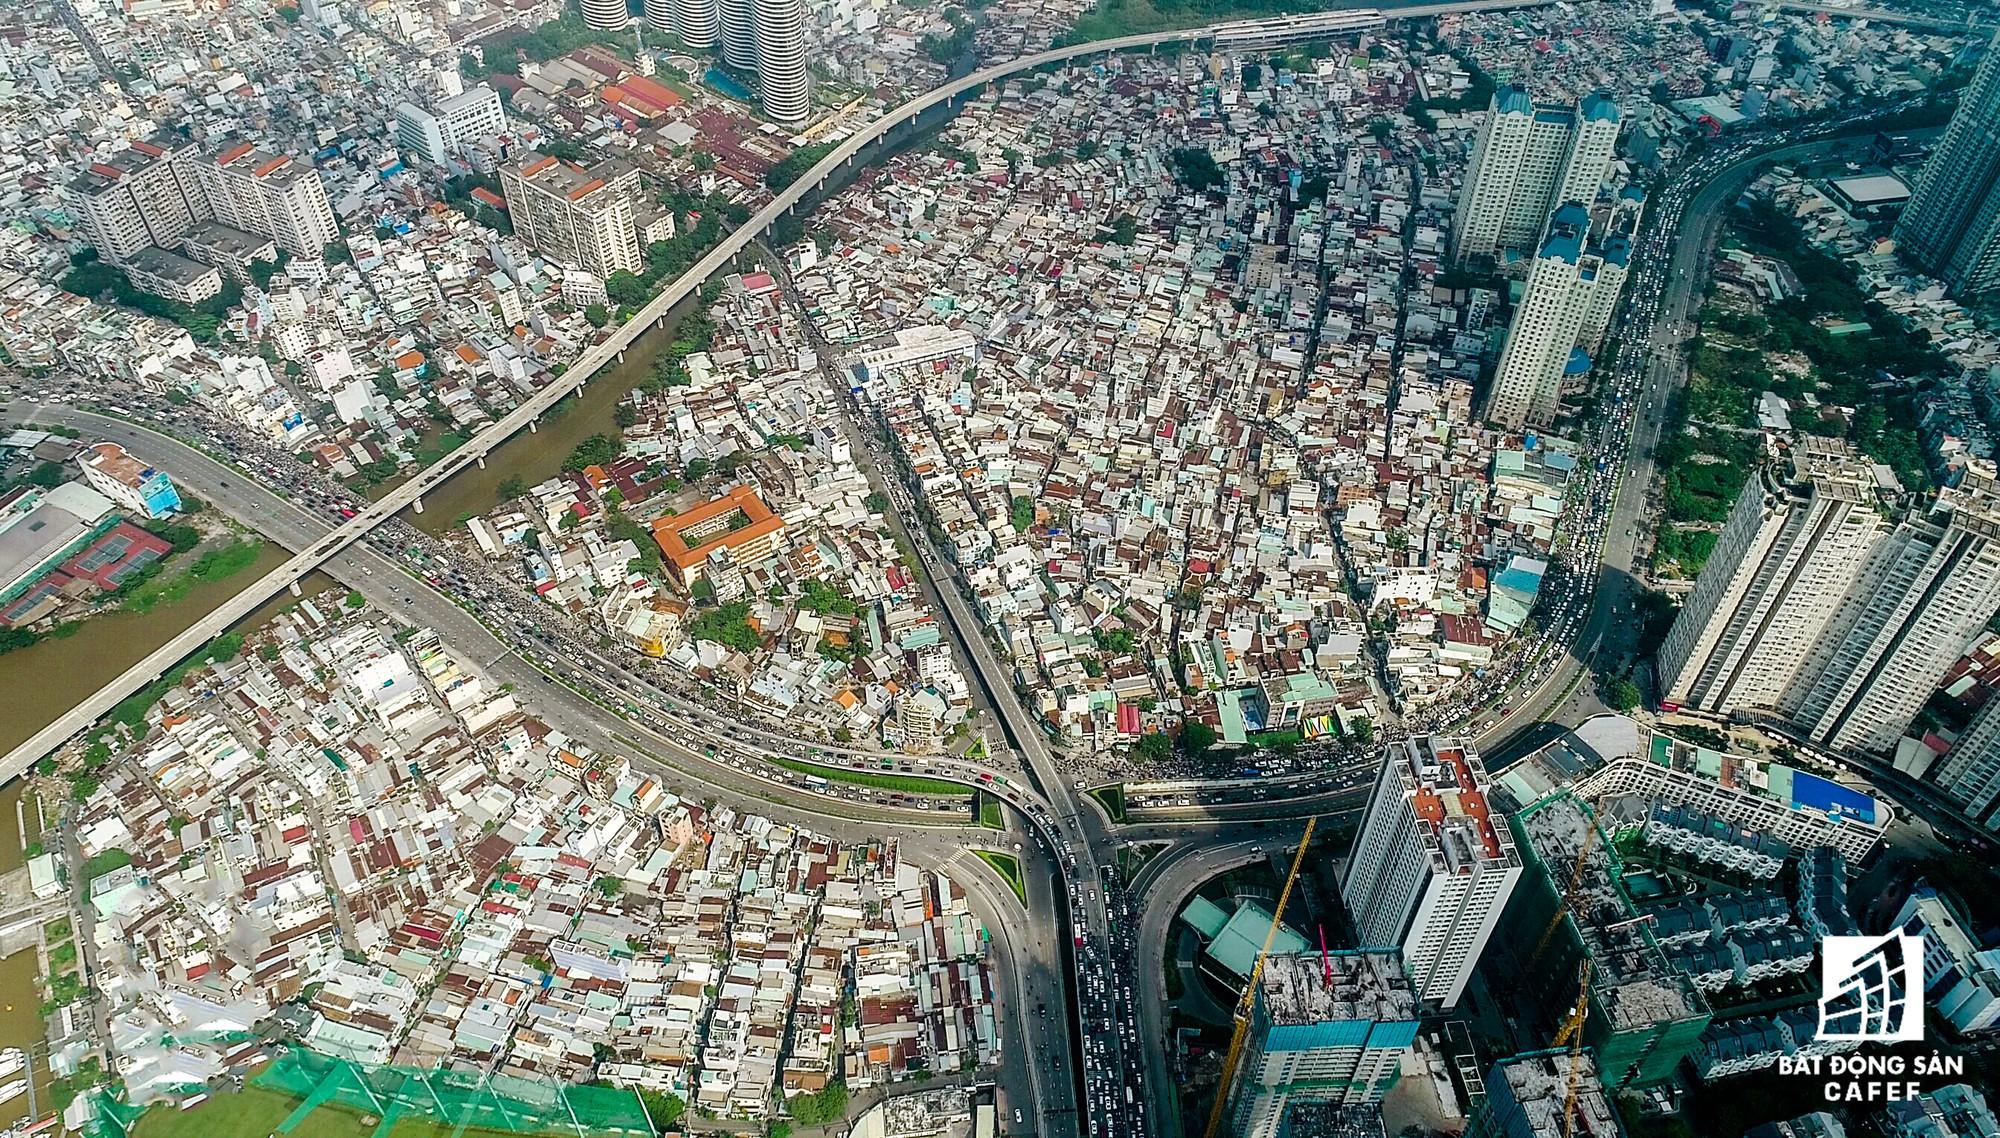 Những cửa ngõ ra vào trung tâm Sài Gòn đang bị bóp nghẹt như thế nào? - Ảnh 2.